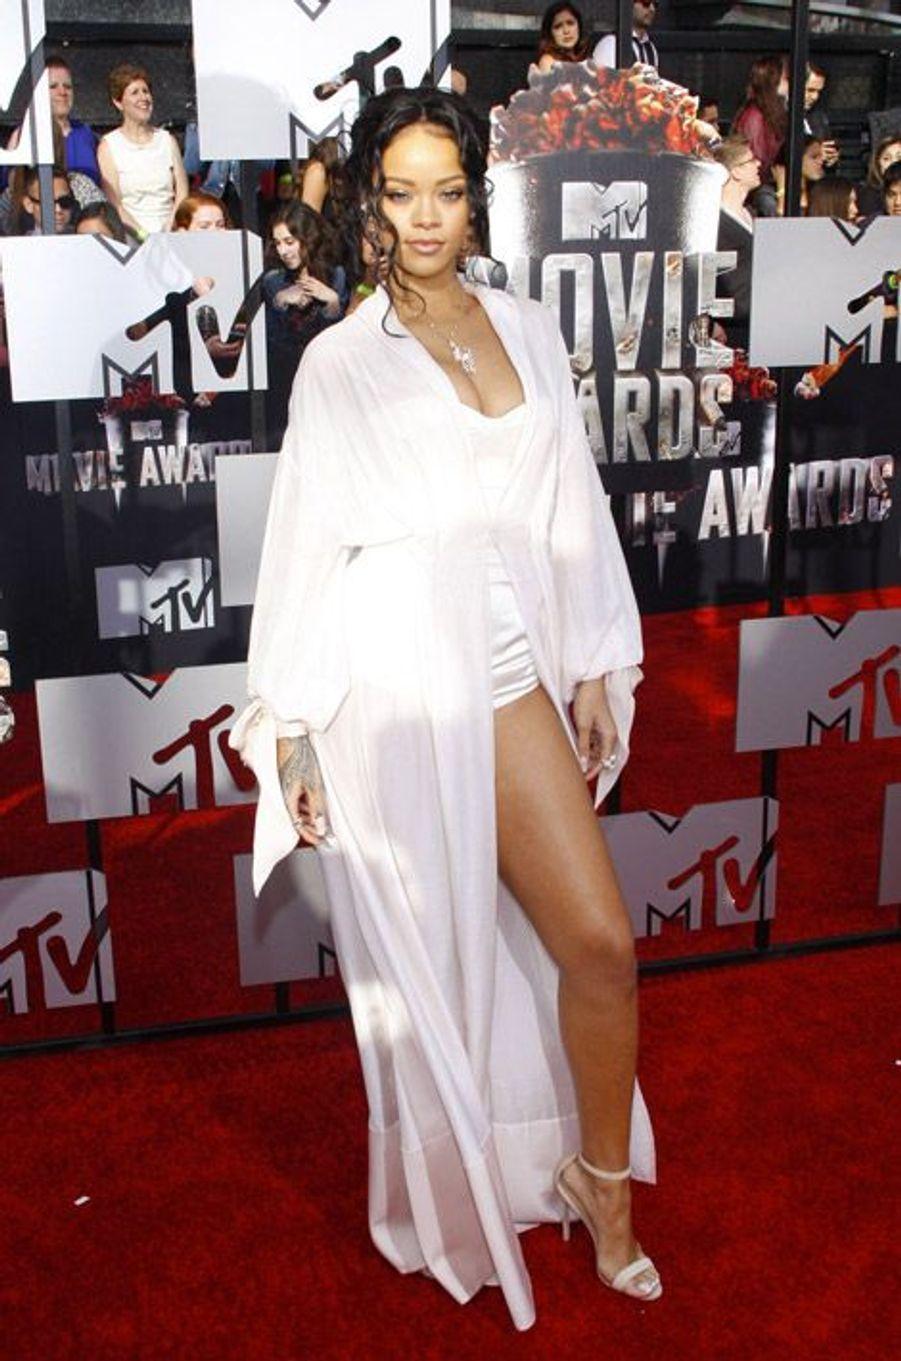 En Ulyana Sergeenko pour les MTV Movie Awards à Los Angeles, le 13 avril 2014